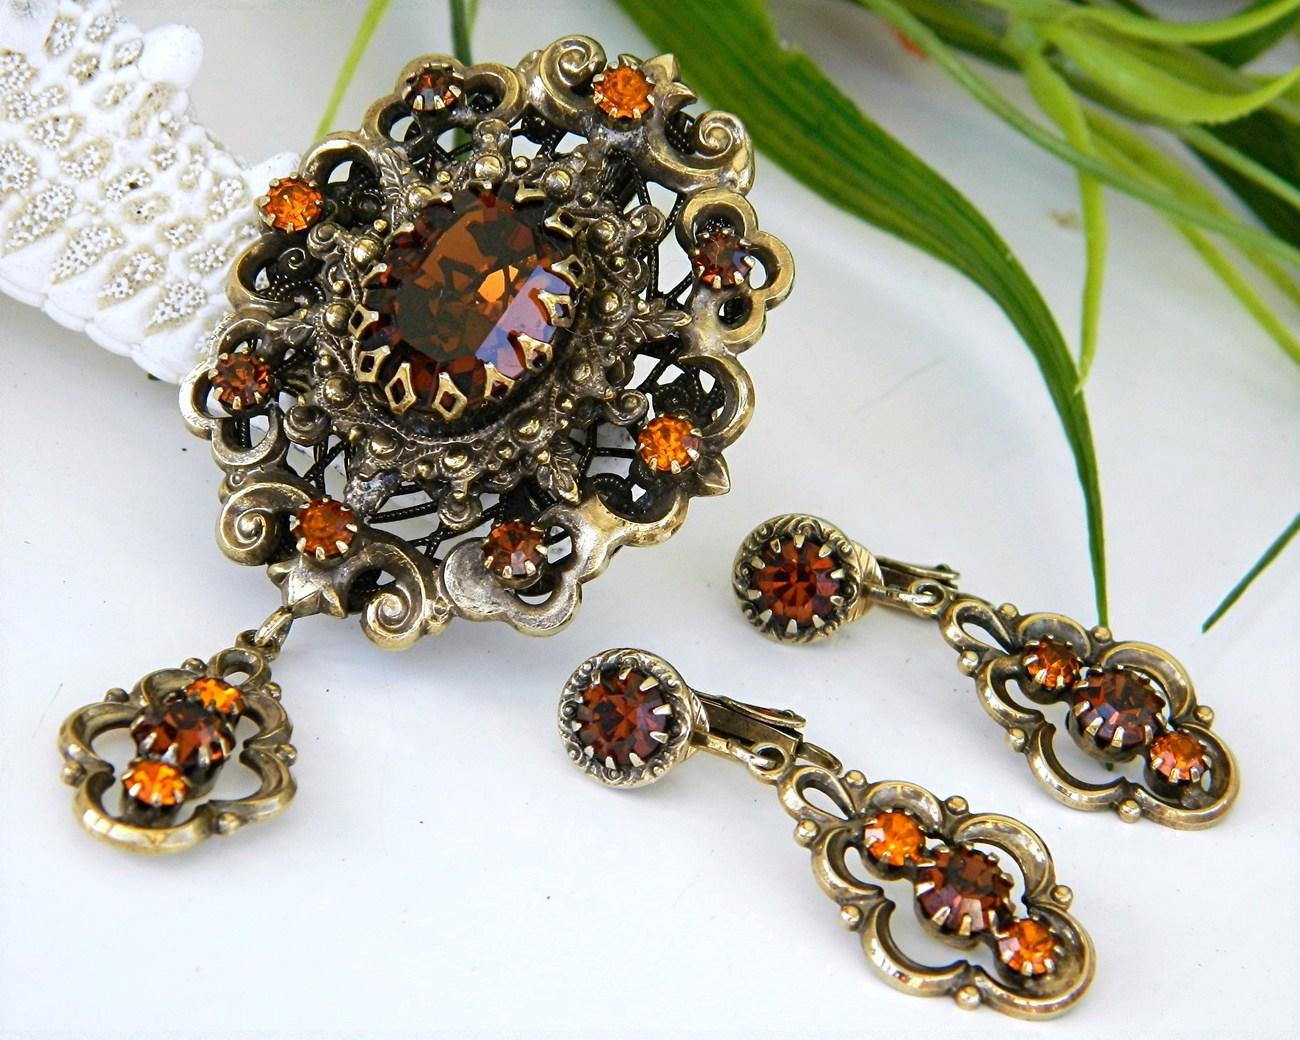 Vintage_hobe_pendant_brooch_earrings_demi_parure_rhinestone_amber